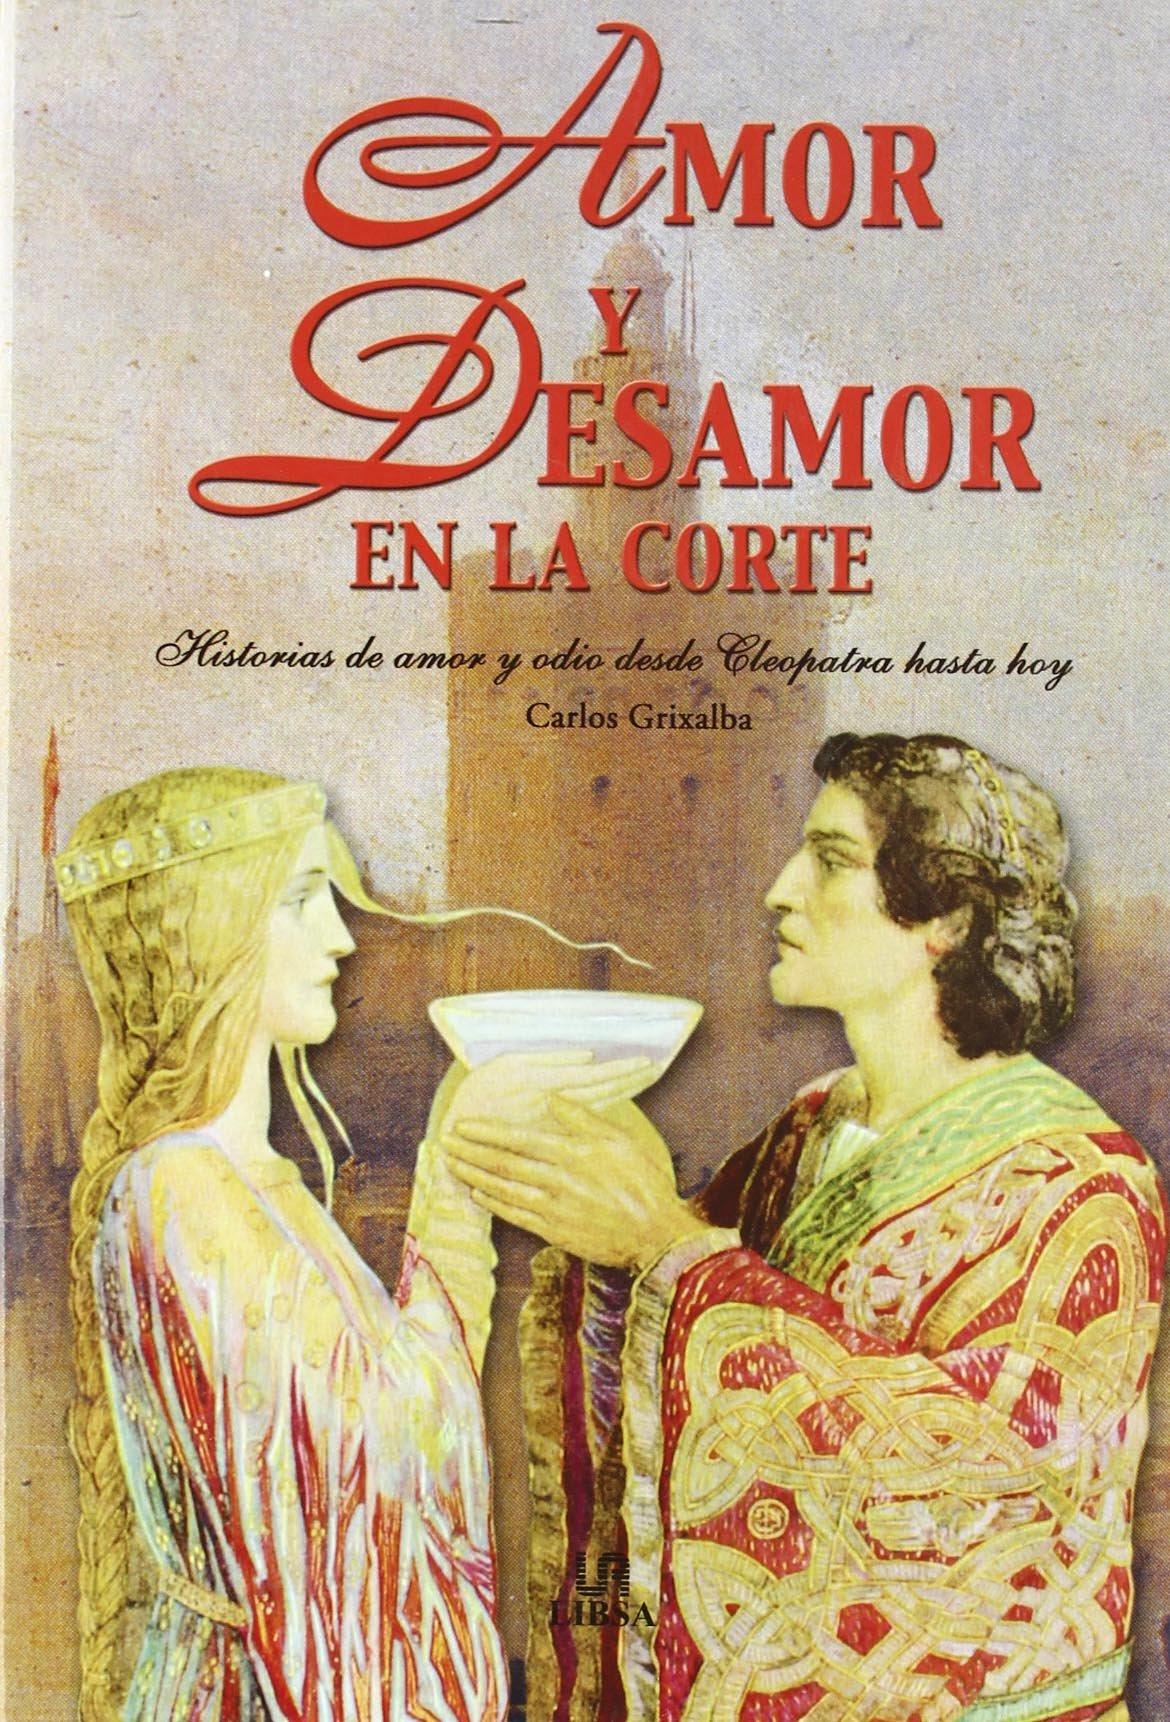 Amor y Desamor en la Corte: Historias de amor y Odio desde Cleopatra hasta Hoy Temas de Historia: Amazon.es: Grixalba, Carlos: Libros